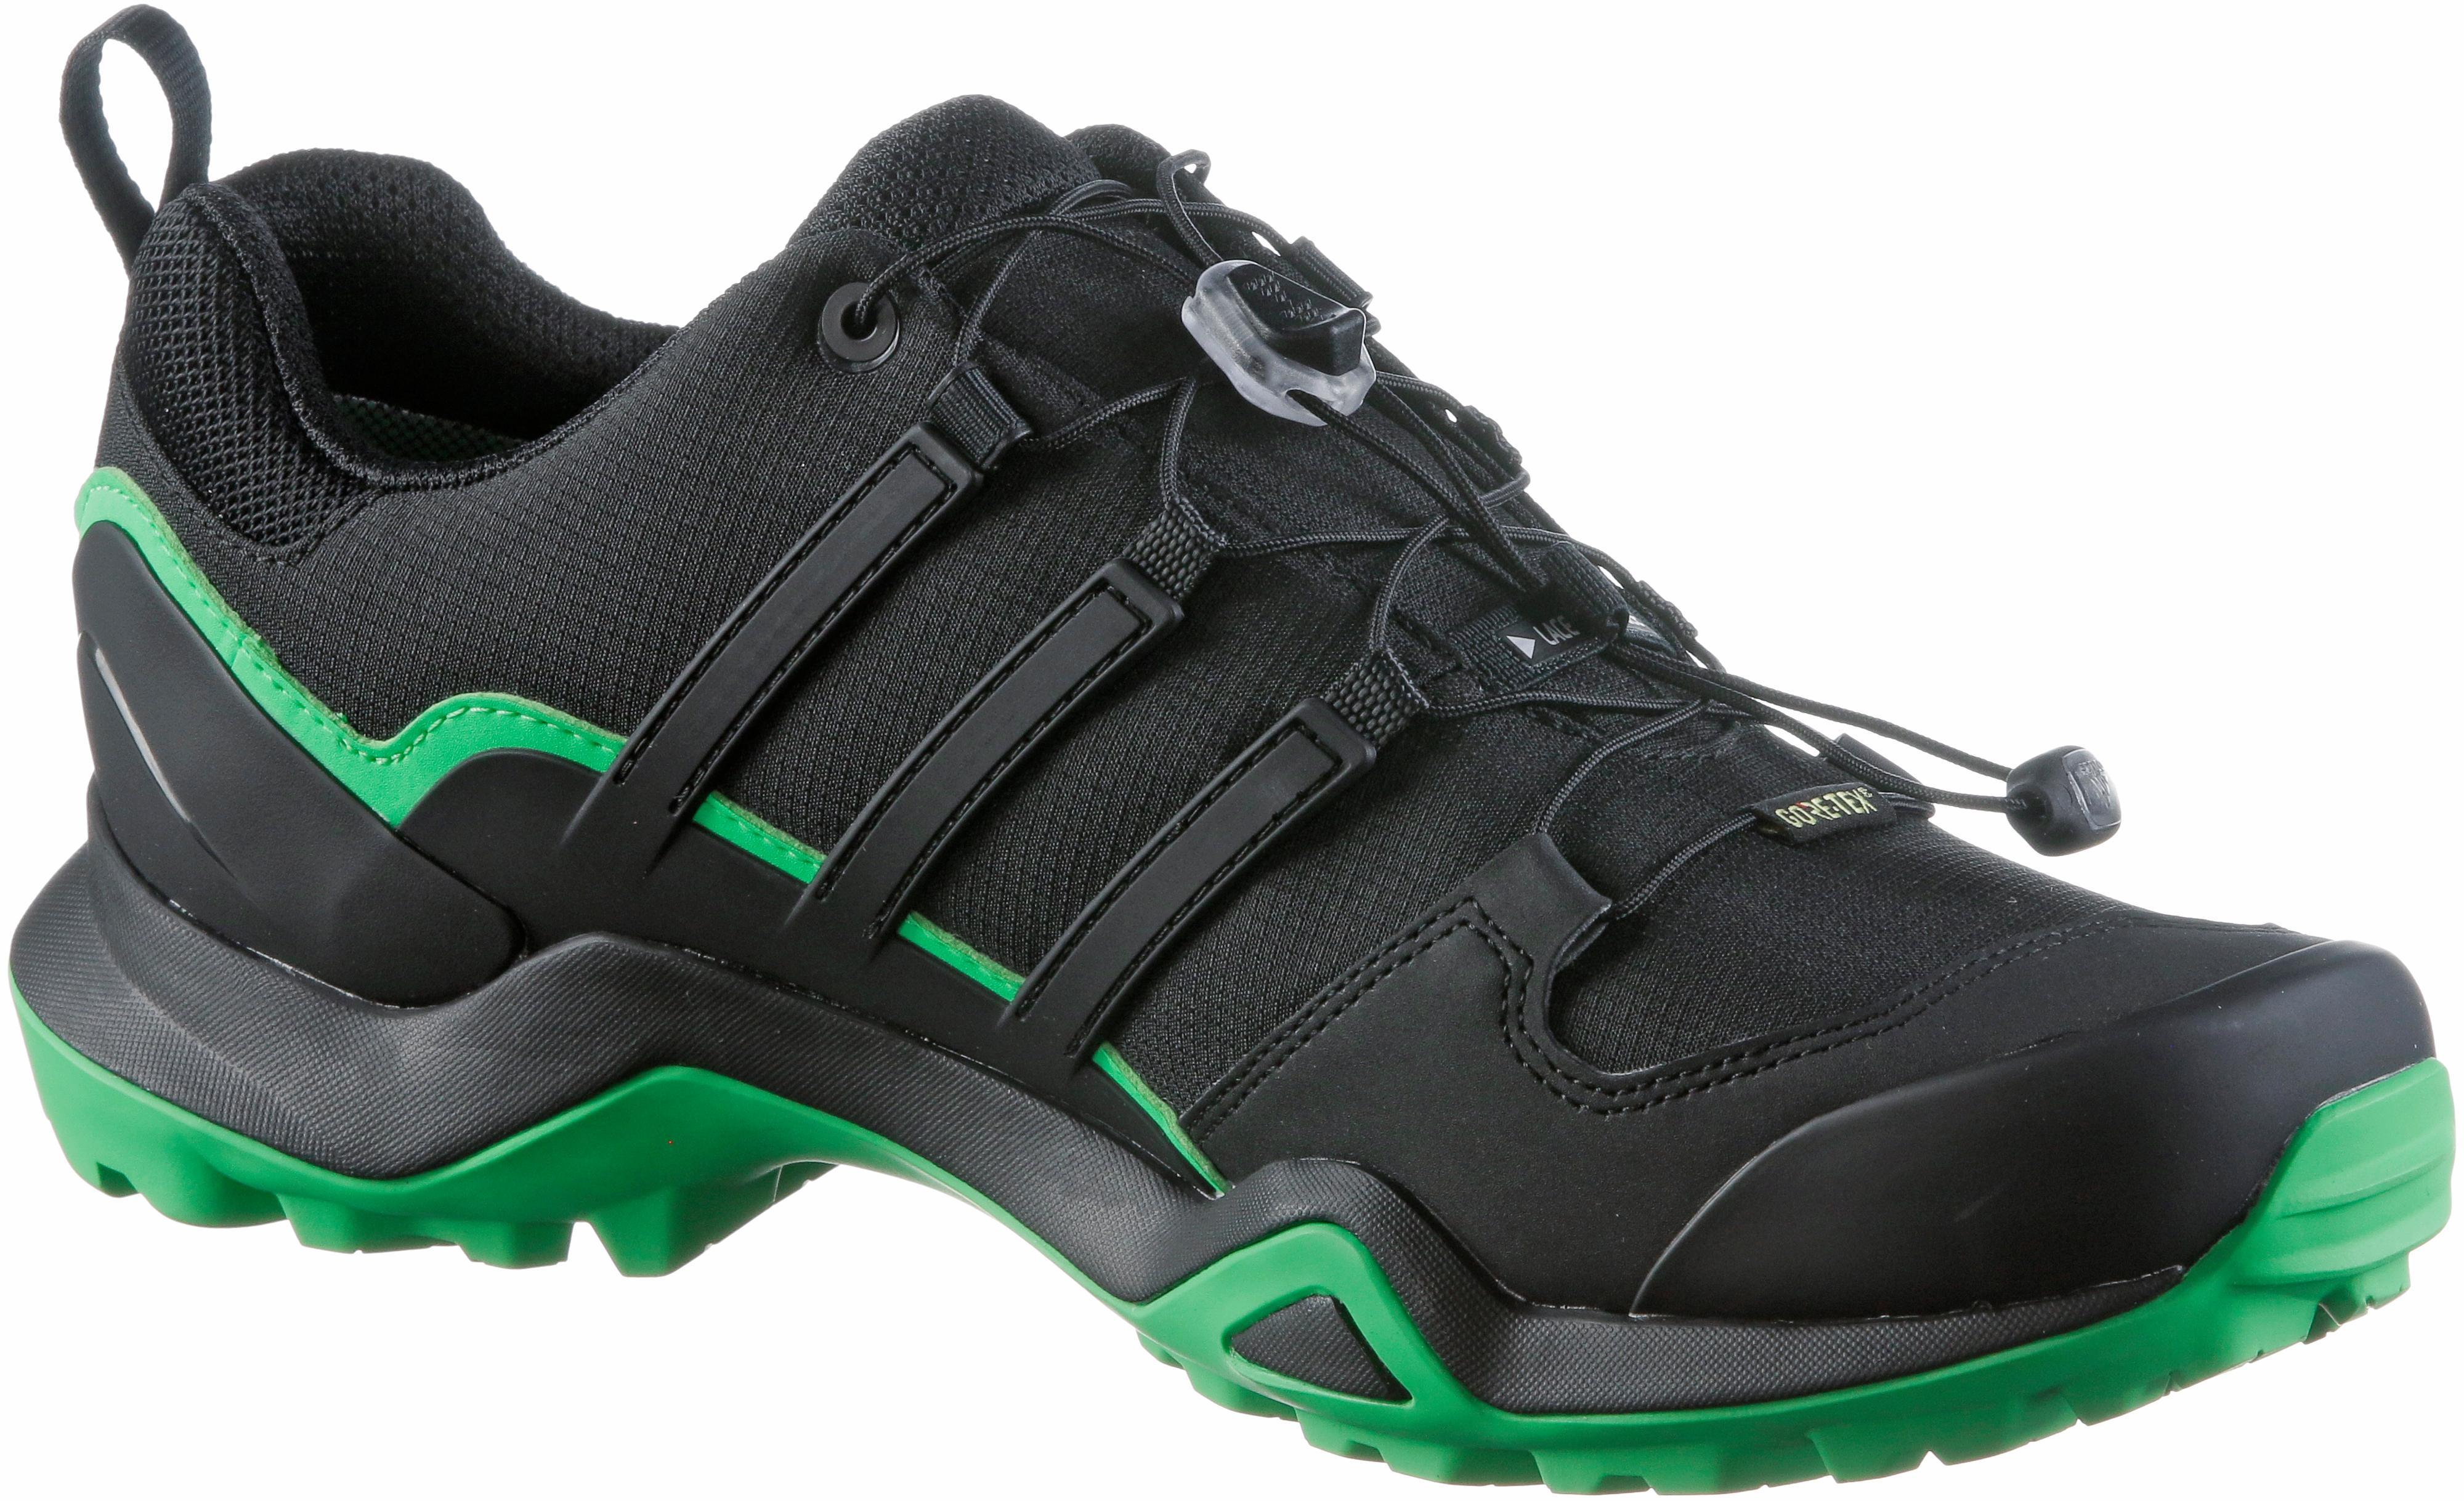 TERREX SWIFT R2 GTX - Hikingschuh - black/green Kosten Für Verkauf Fabrikverkauf Verkauf Günstig Online vGnewGRuGf